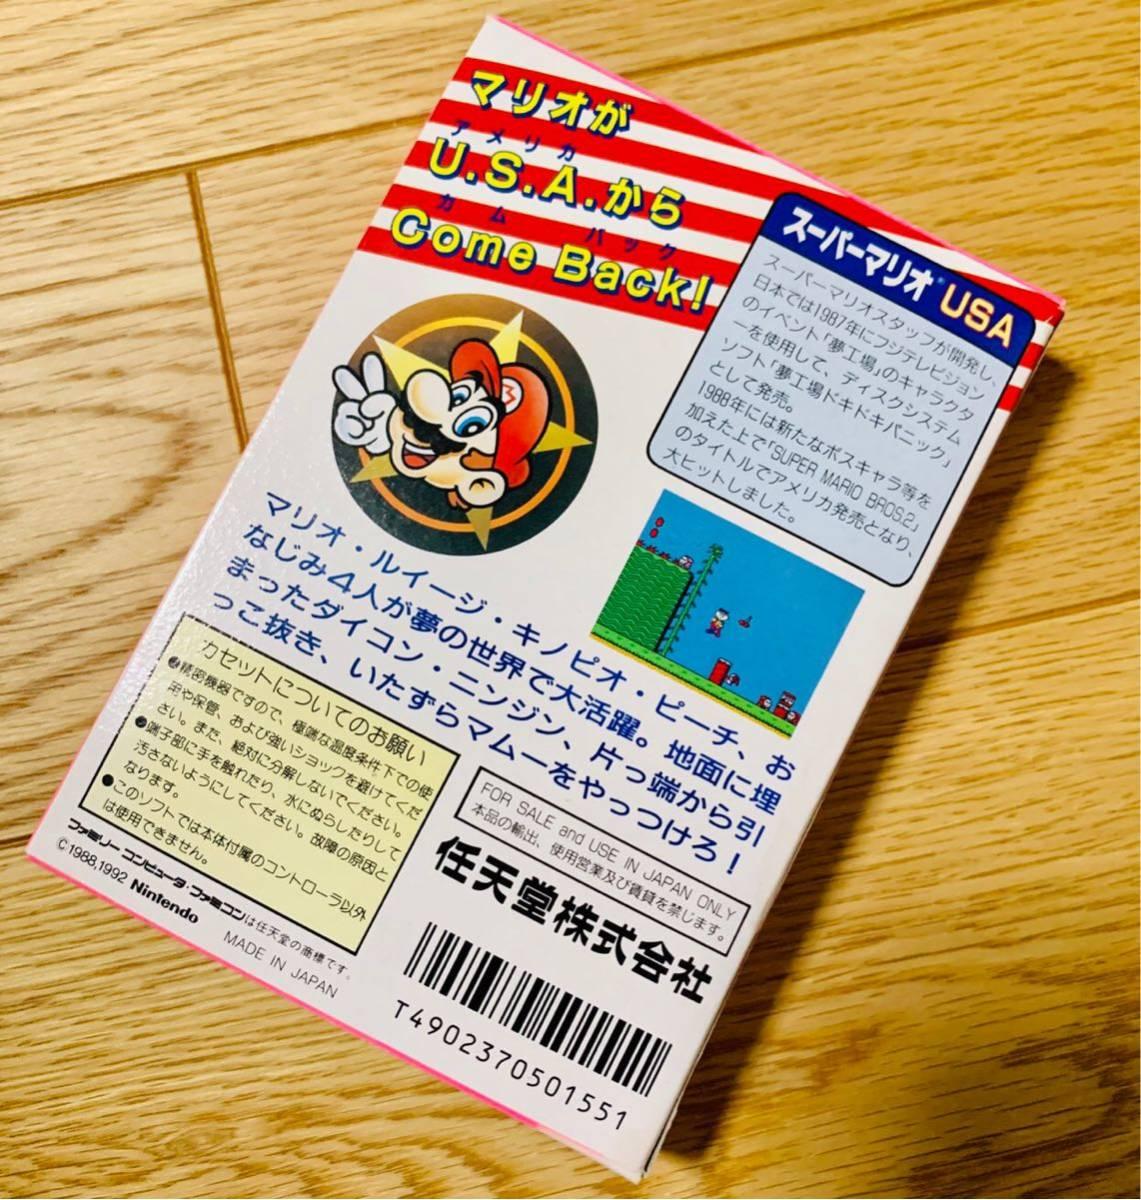 【未開封新品・超極良品】ファミコンソフト スーパーマリオUSA 任天堂 FC 1円スタート 非常に綺麗な新品 当時物 ラスト1本在庫_画像5